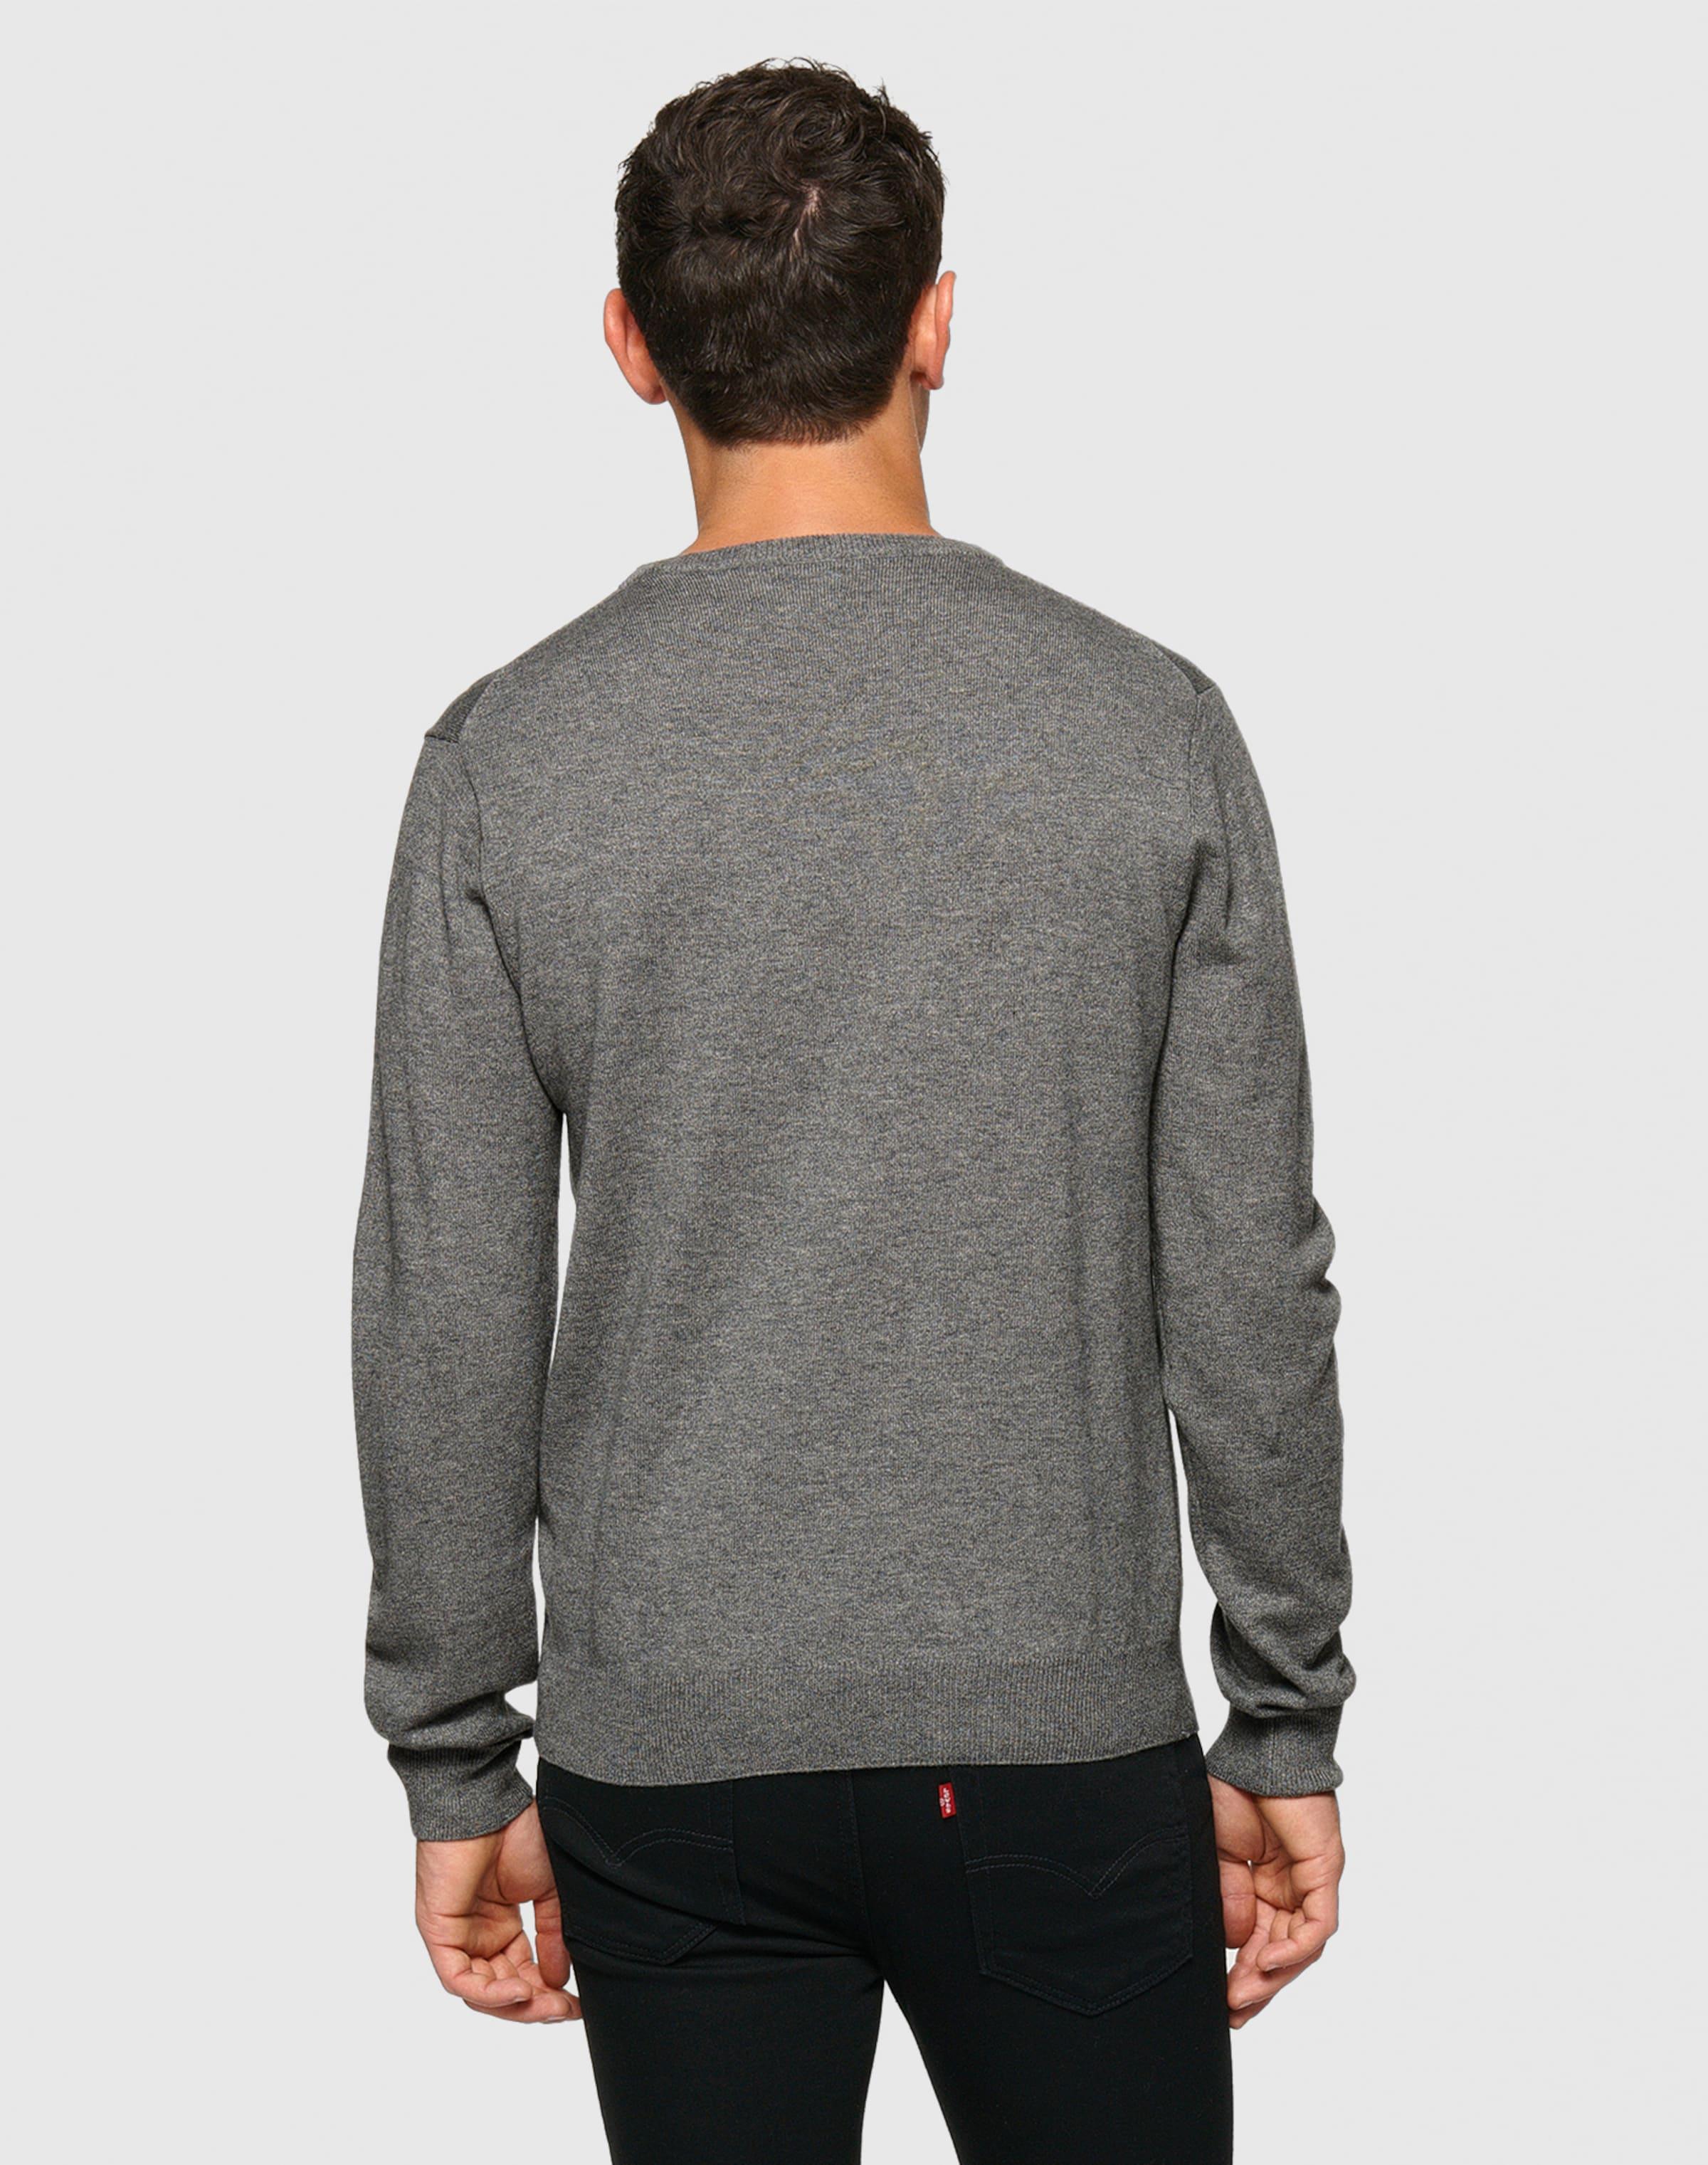 Discount-Marke Neue Unisex Spielraum Billig GANT Pullover Neuer Stil Großhandelspreis Verkauf Online Footlocker Bilder tpUj5u75